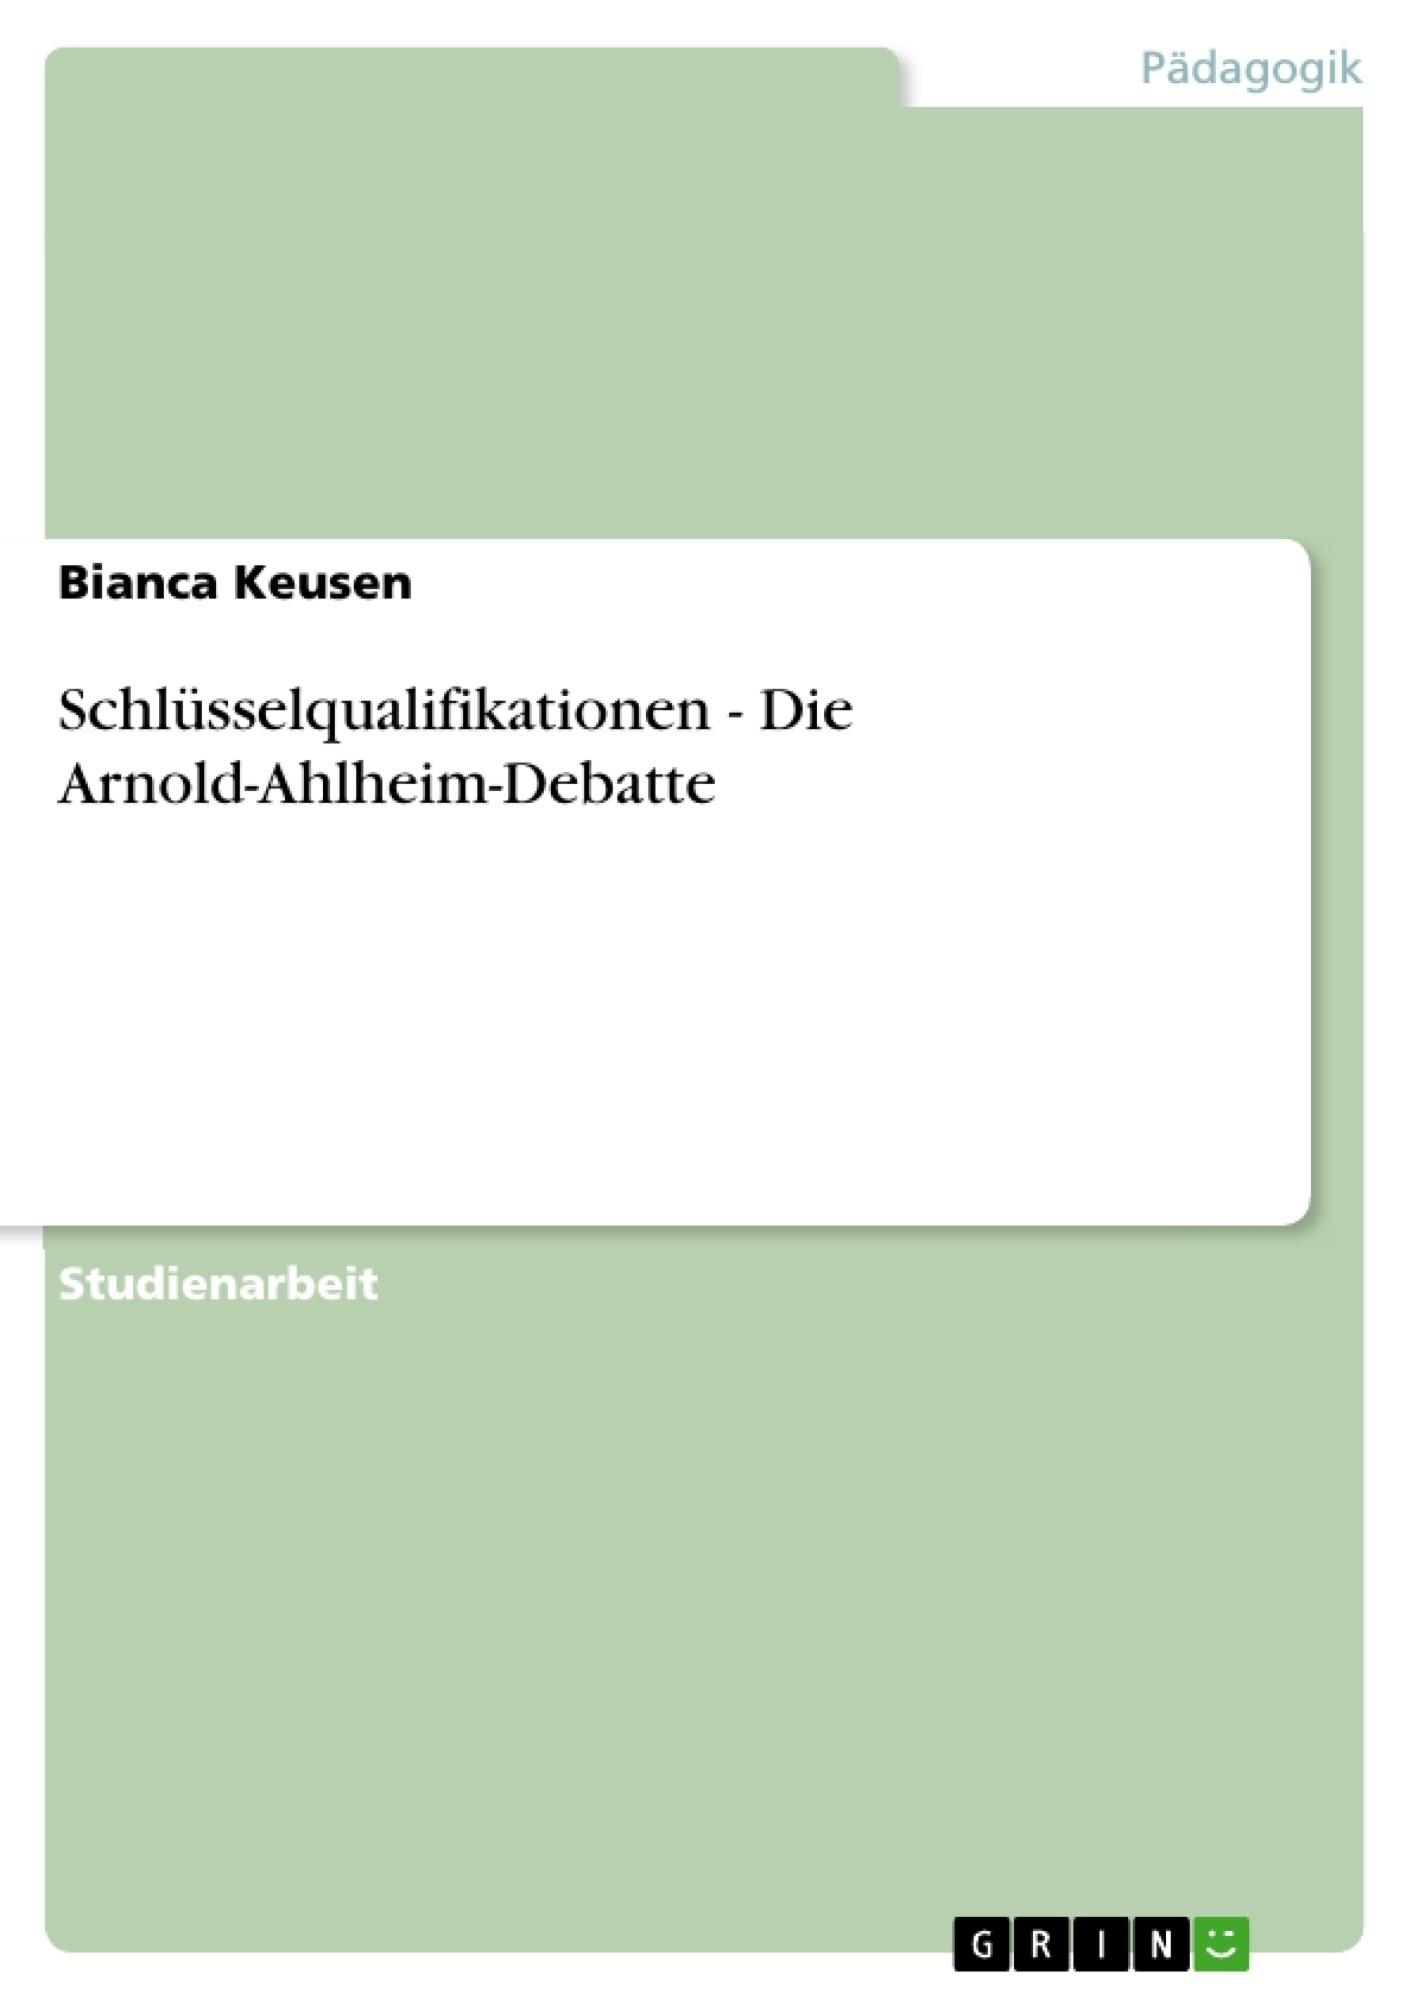 Titel: Schlüsselqualifikationen - Die Arnold-Ahlheim-Debatte